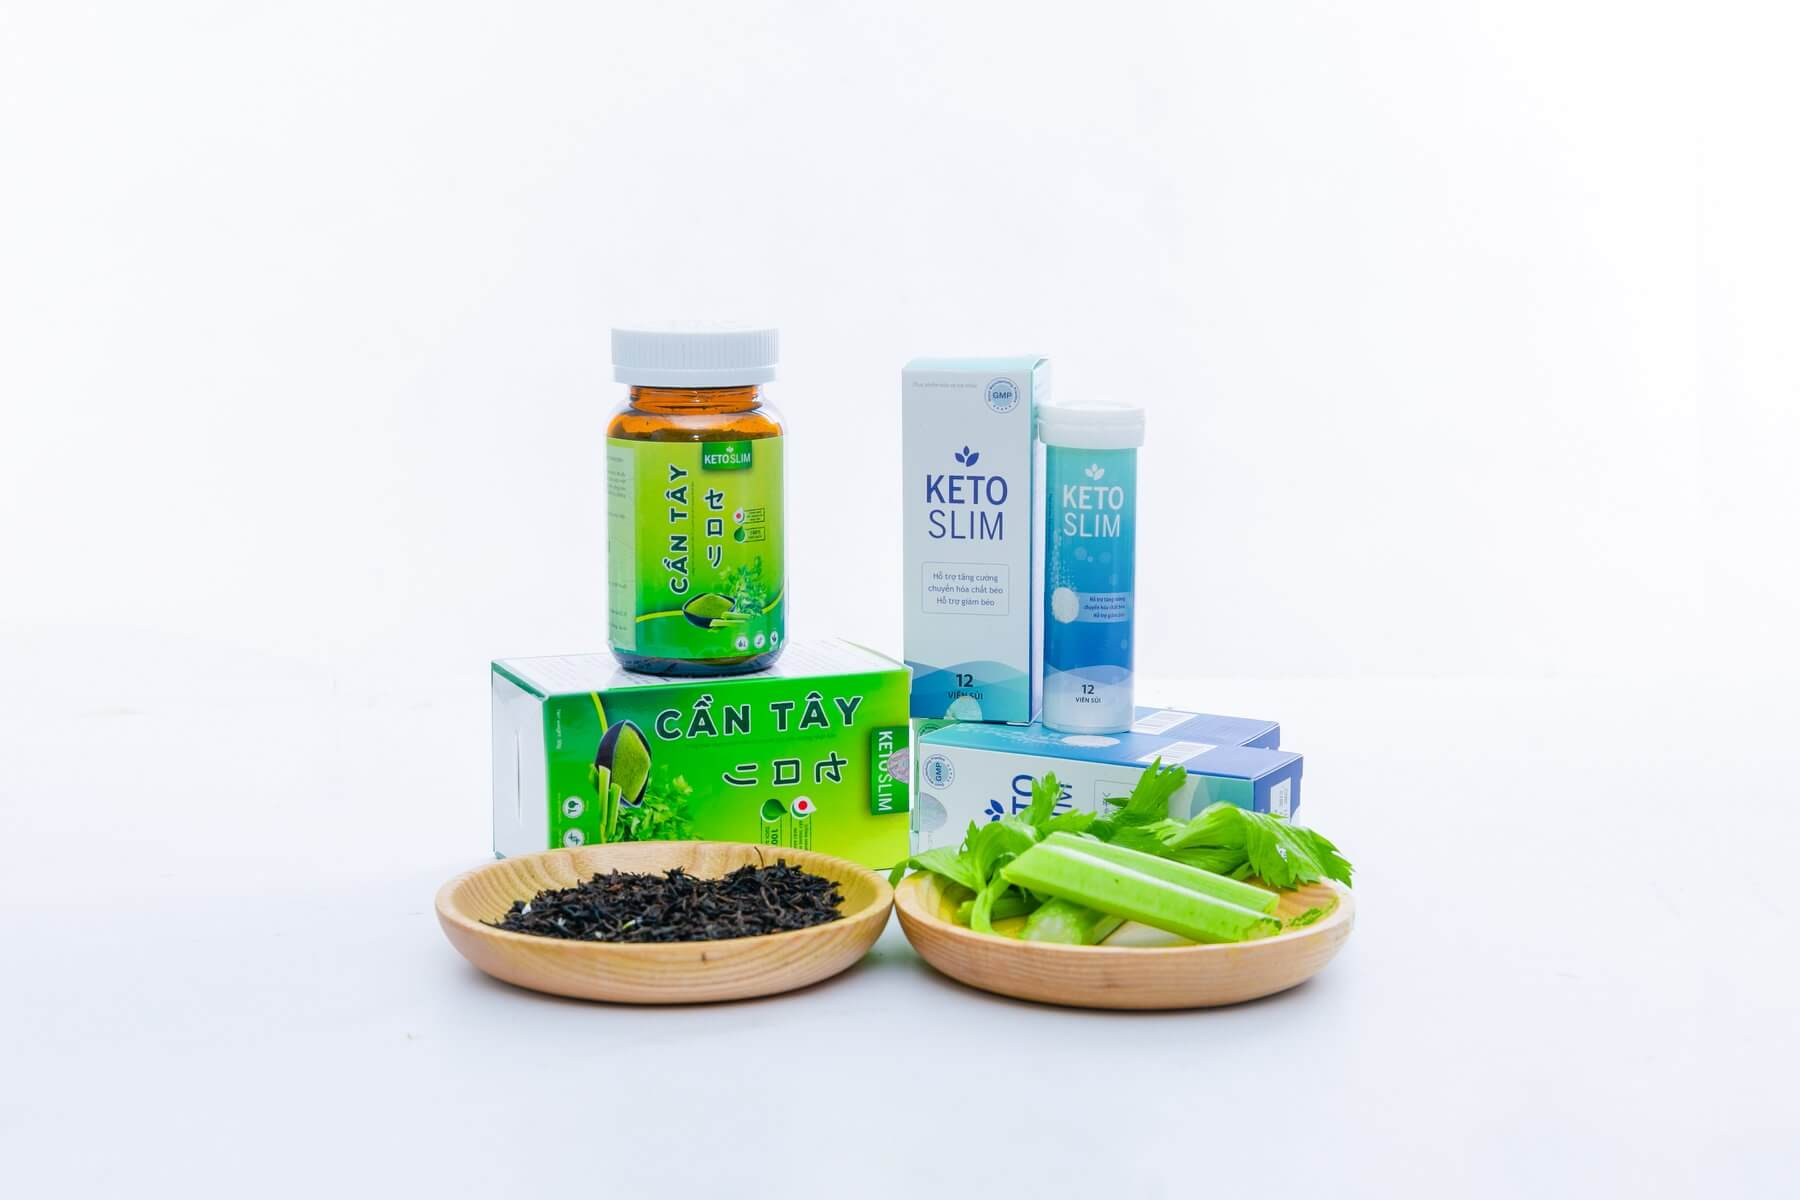 liệu-trình-giảm-cân-bột-cần-tây-và-ketoslim